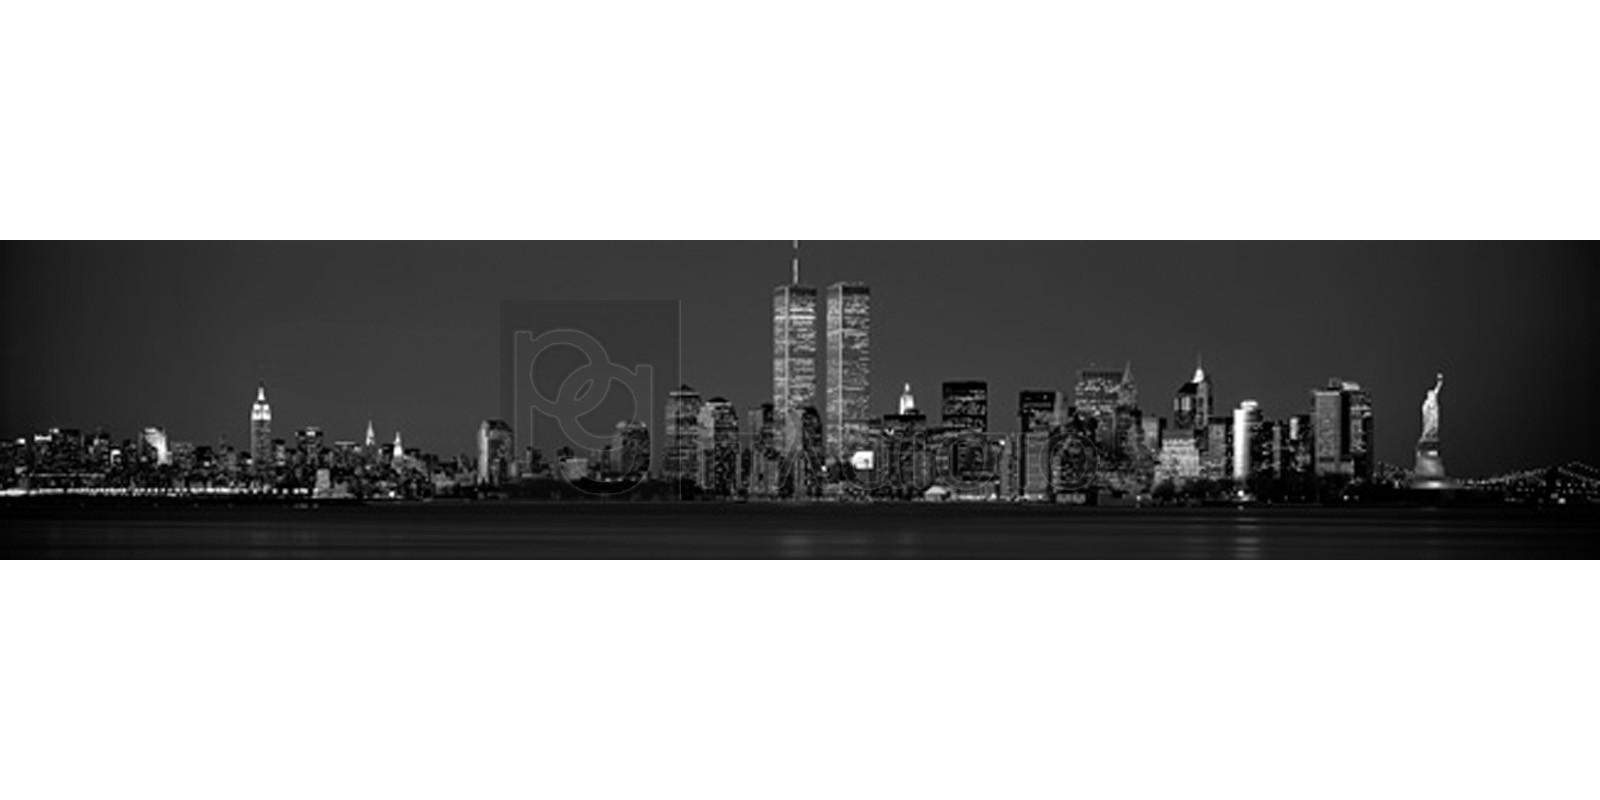 Richard Berenholtz - Manhattan Skyline 2001